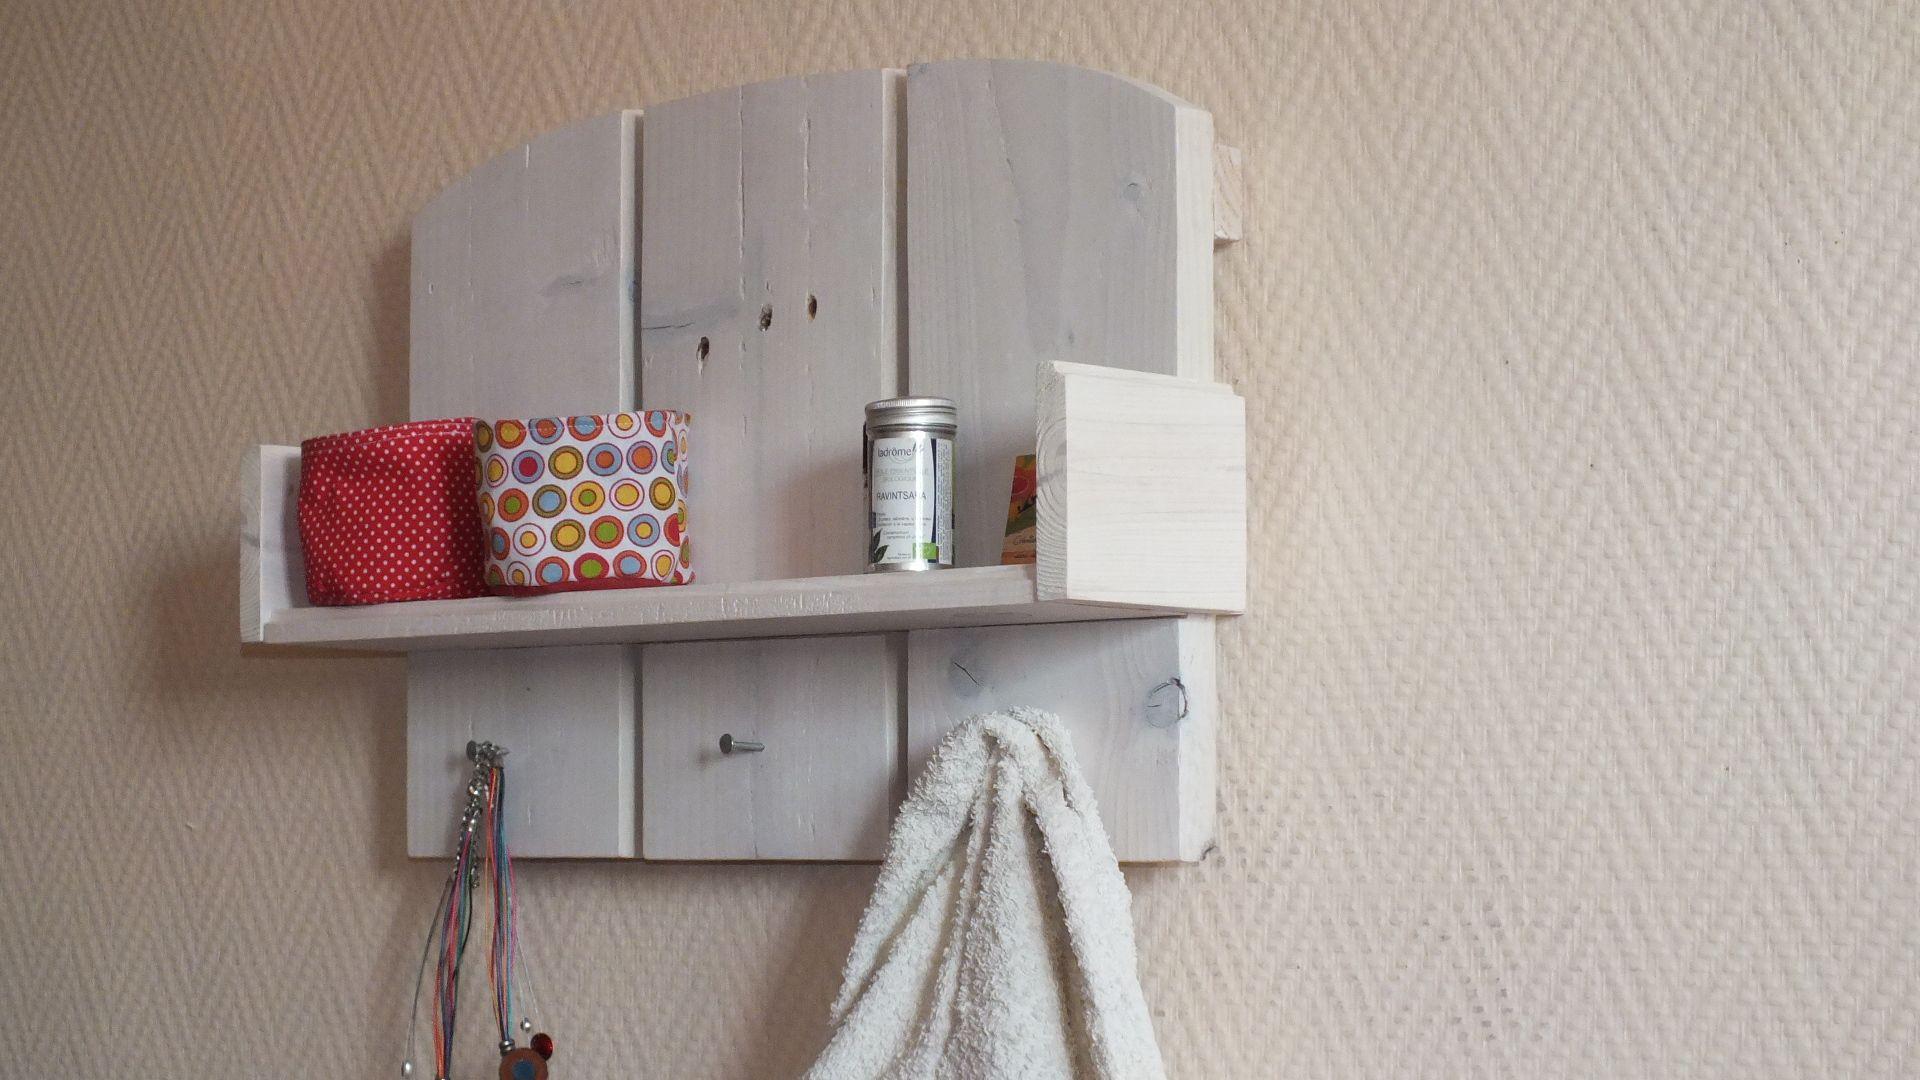 Petites Etageres En Bois De Palette Small Wood Pallet Shelves Pallet Wood Shelves Wood Pallets Recycled Pallet Furniture